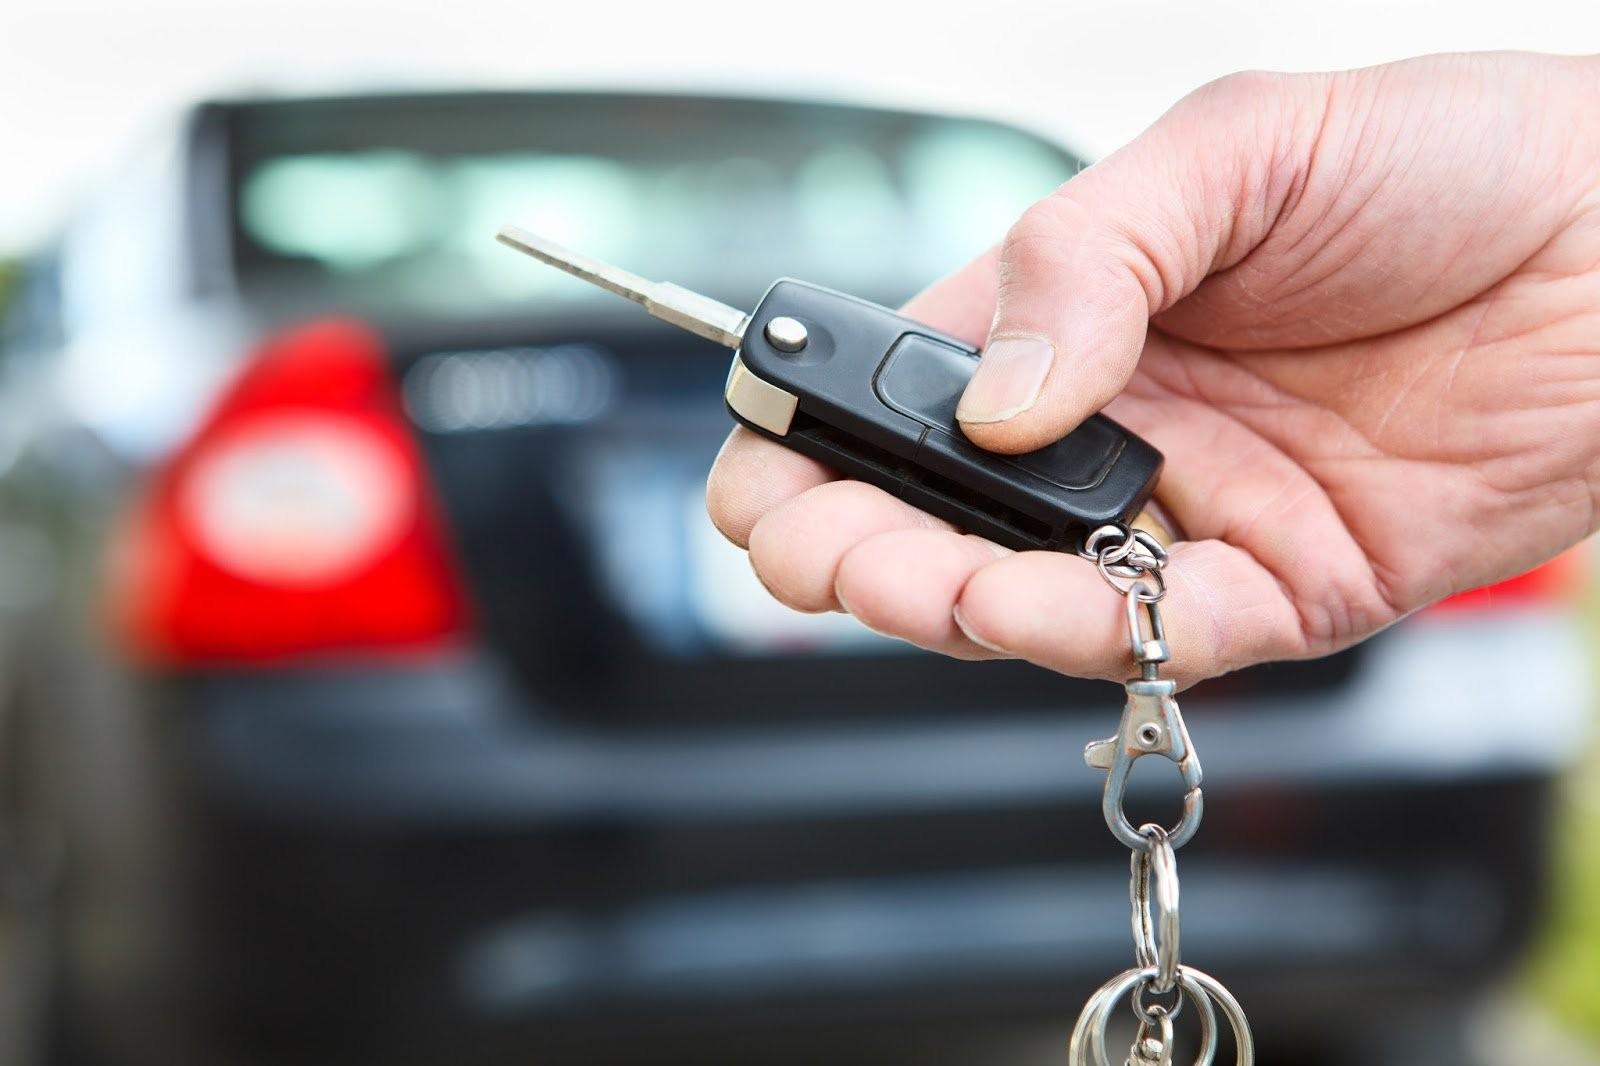 Октябрьское муниципальное образование получило три автомобиля